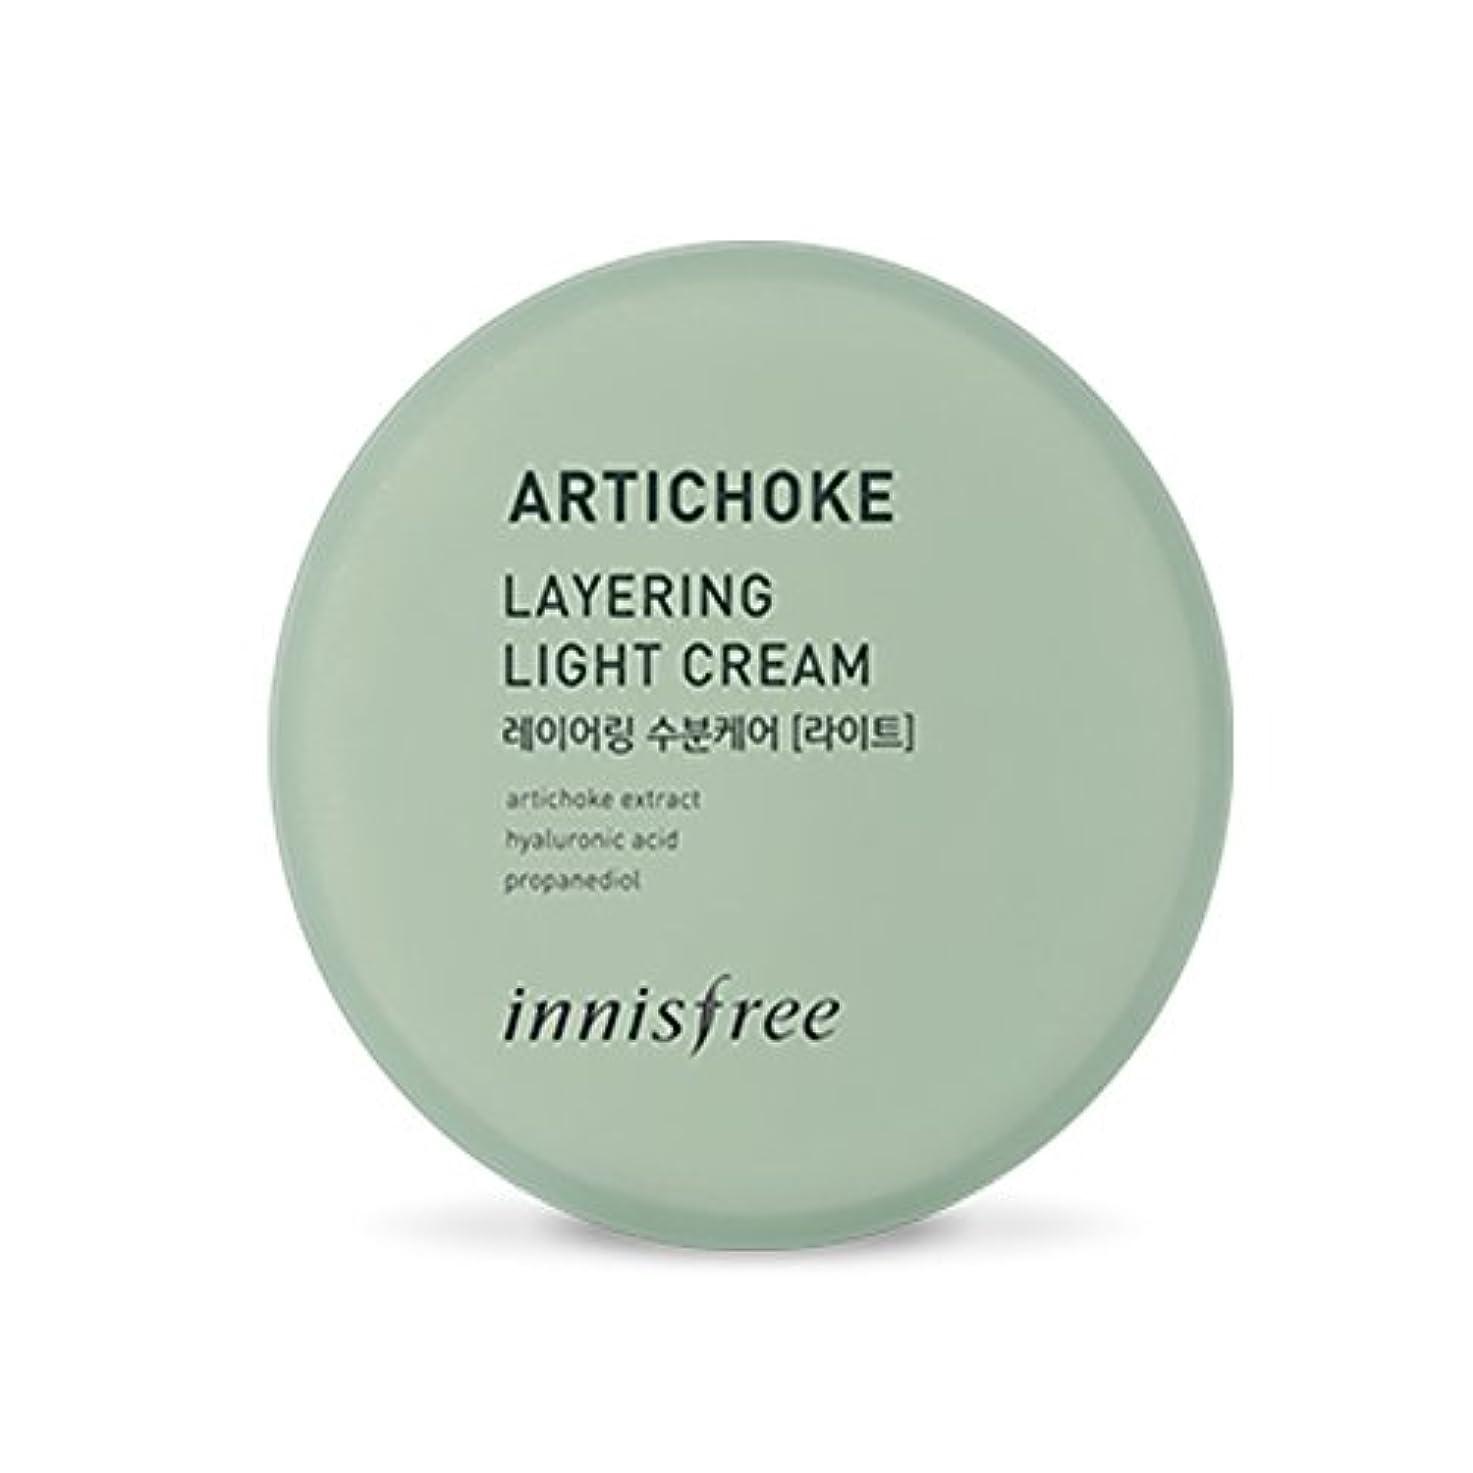 野望交換可能把握イニスフリーアーティチョークレイヤーライトクリーム150ml Innisfree Artichoke Layering Light Cream 150ml [海外直送品] [並行輸入品]